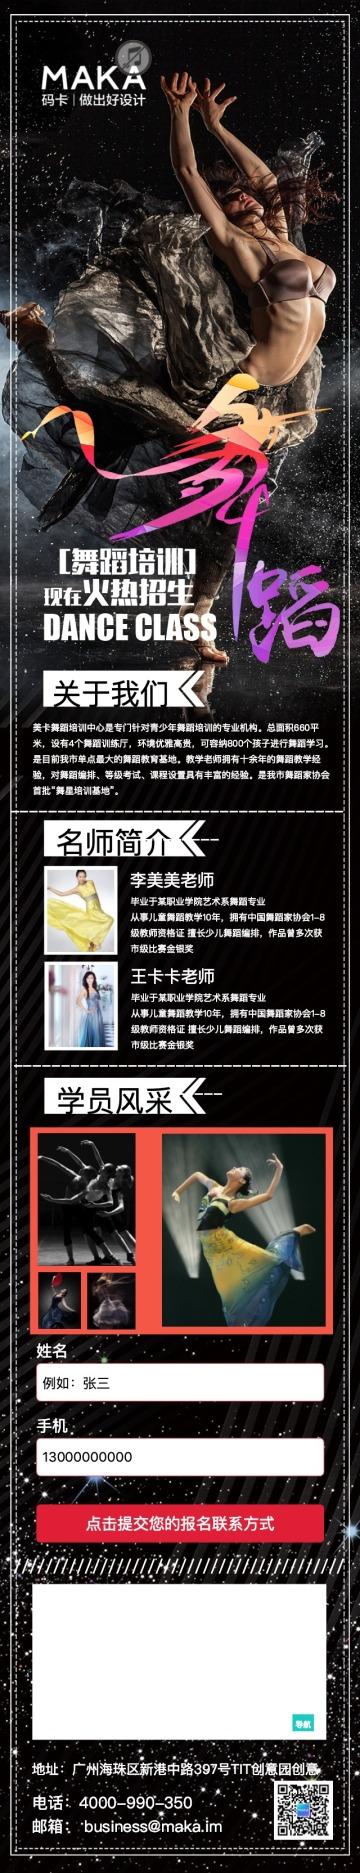 黑色时尚炫酷舞蹈培训机构招生宣传单页